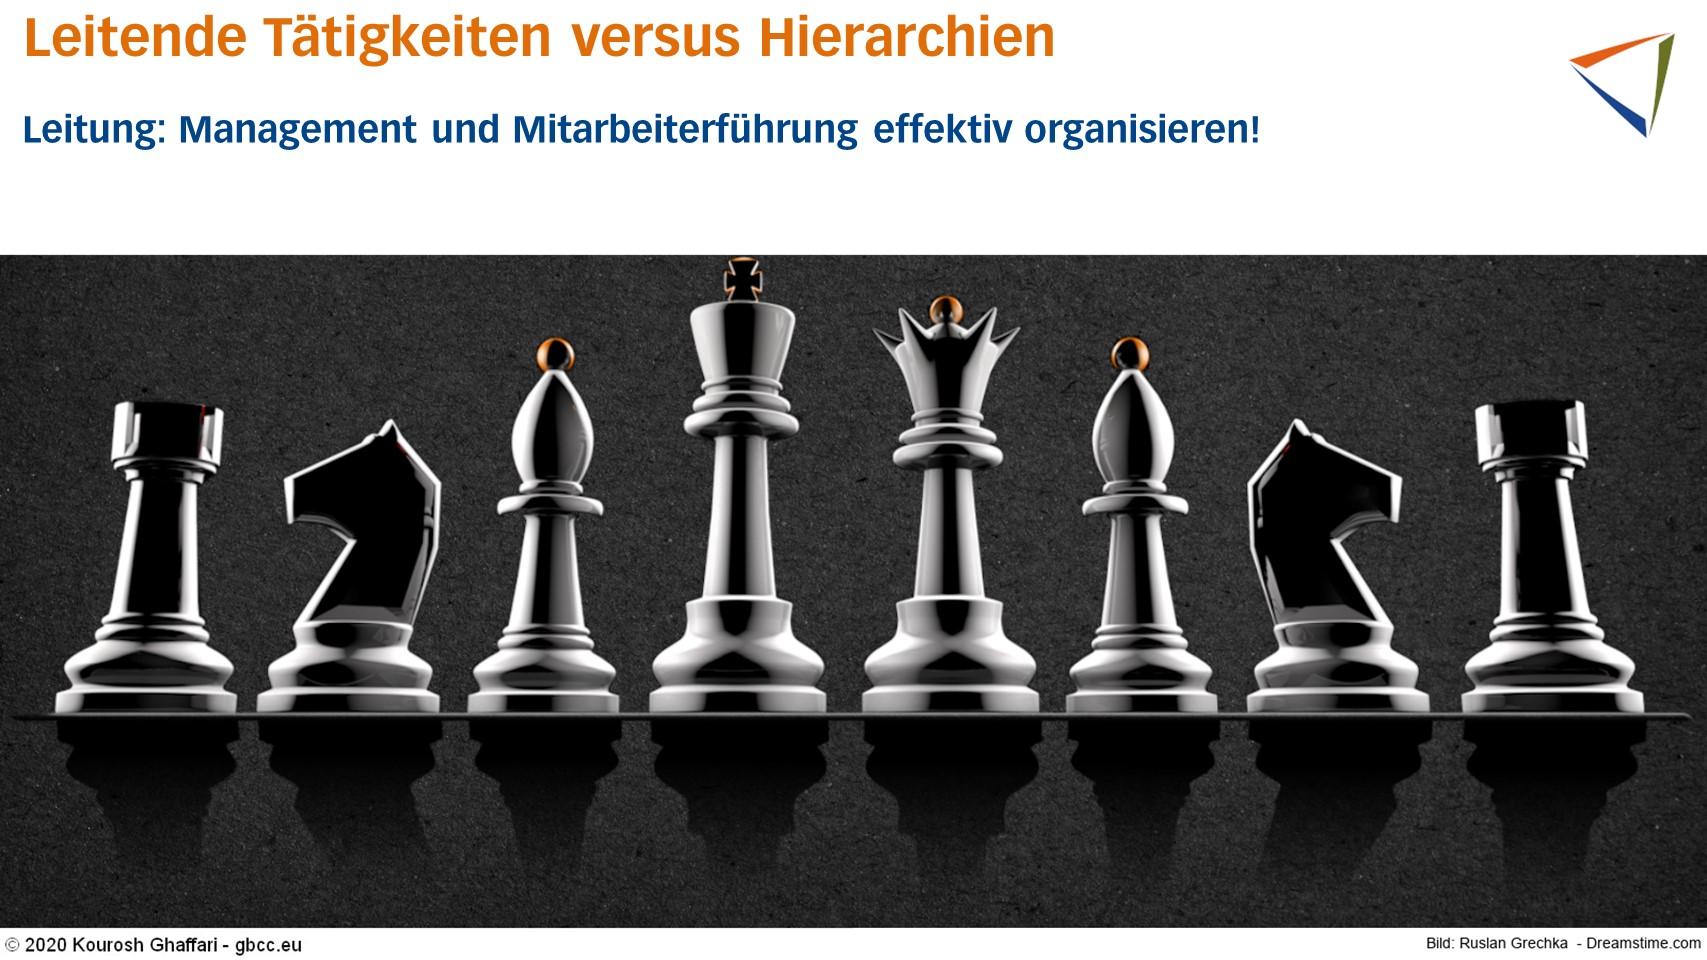 Leitende Tätigkeiten braucht jedes Unternehmen – aber nicht zwingend Hierarchien!